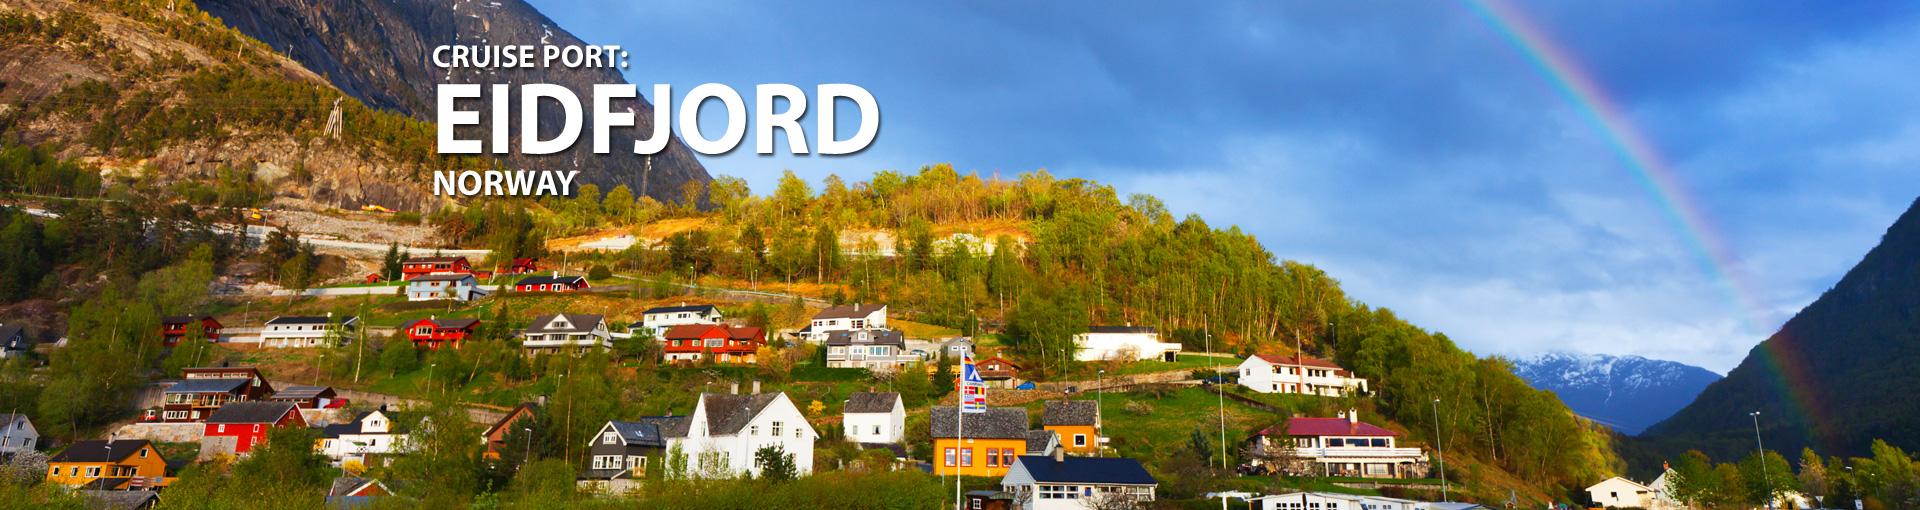 Cruises to Eidfjord, Norway